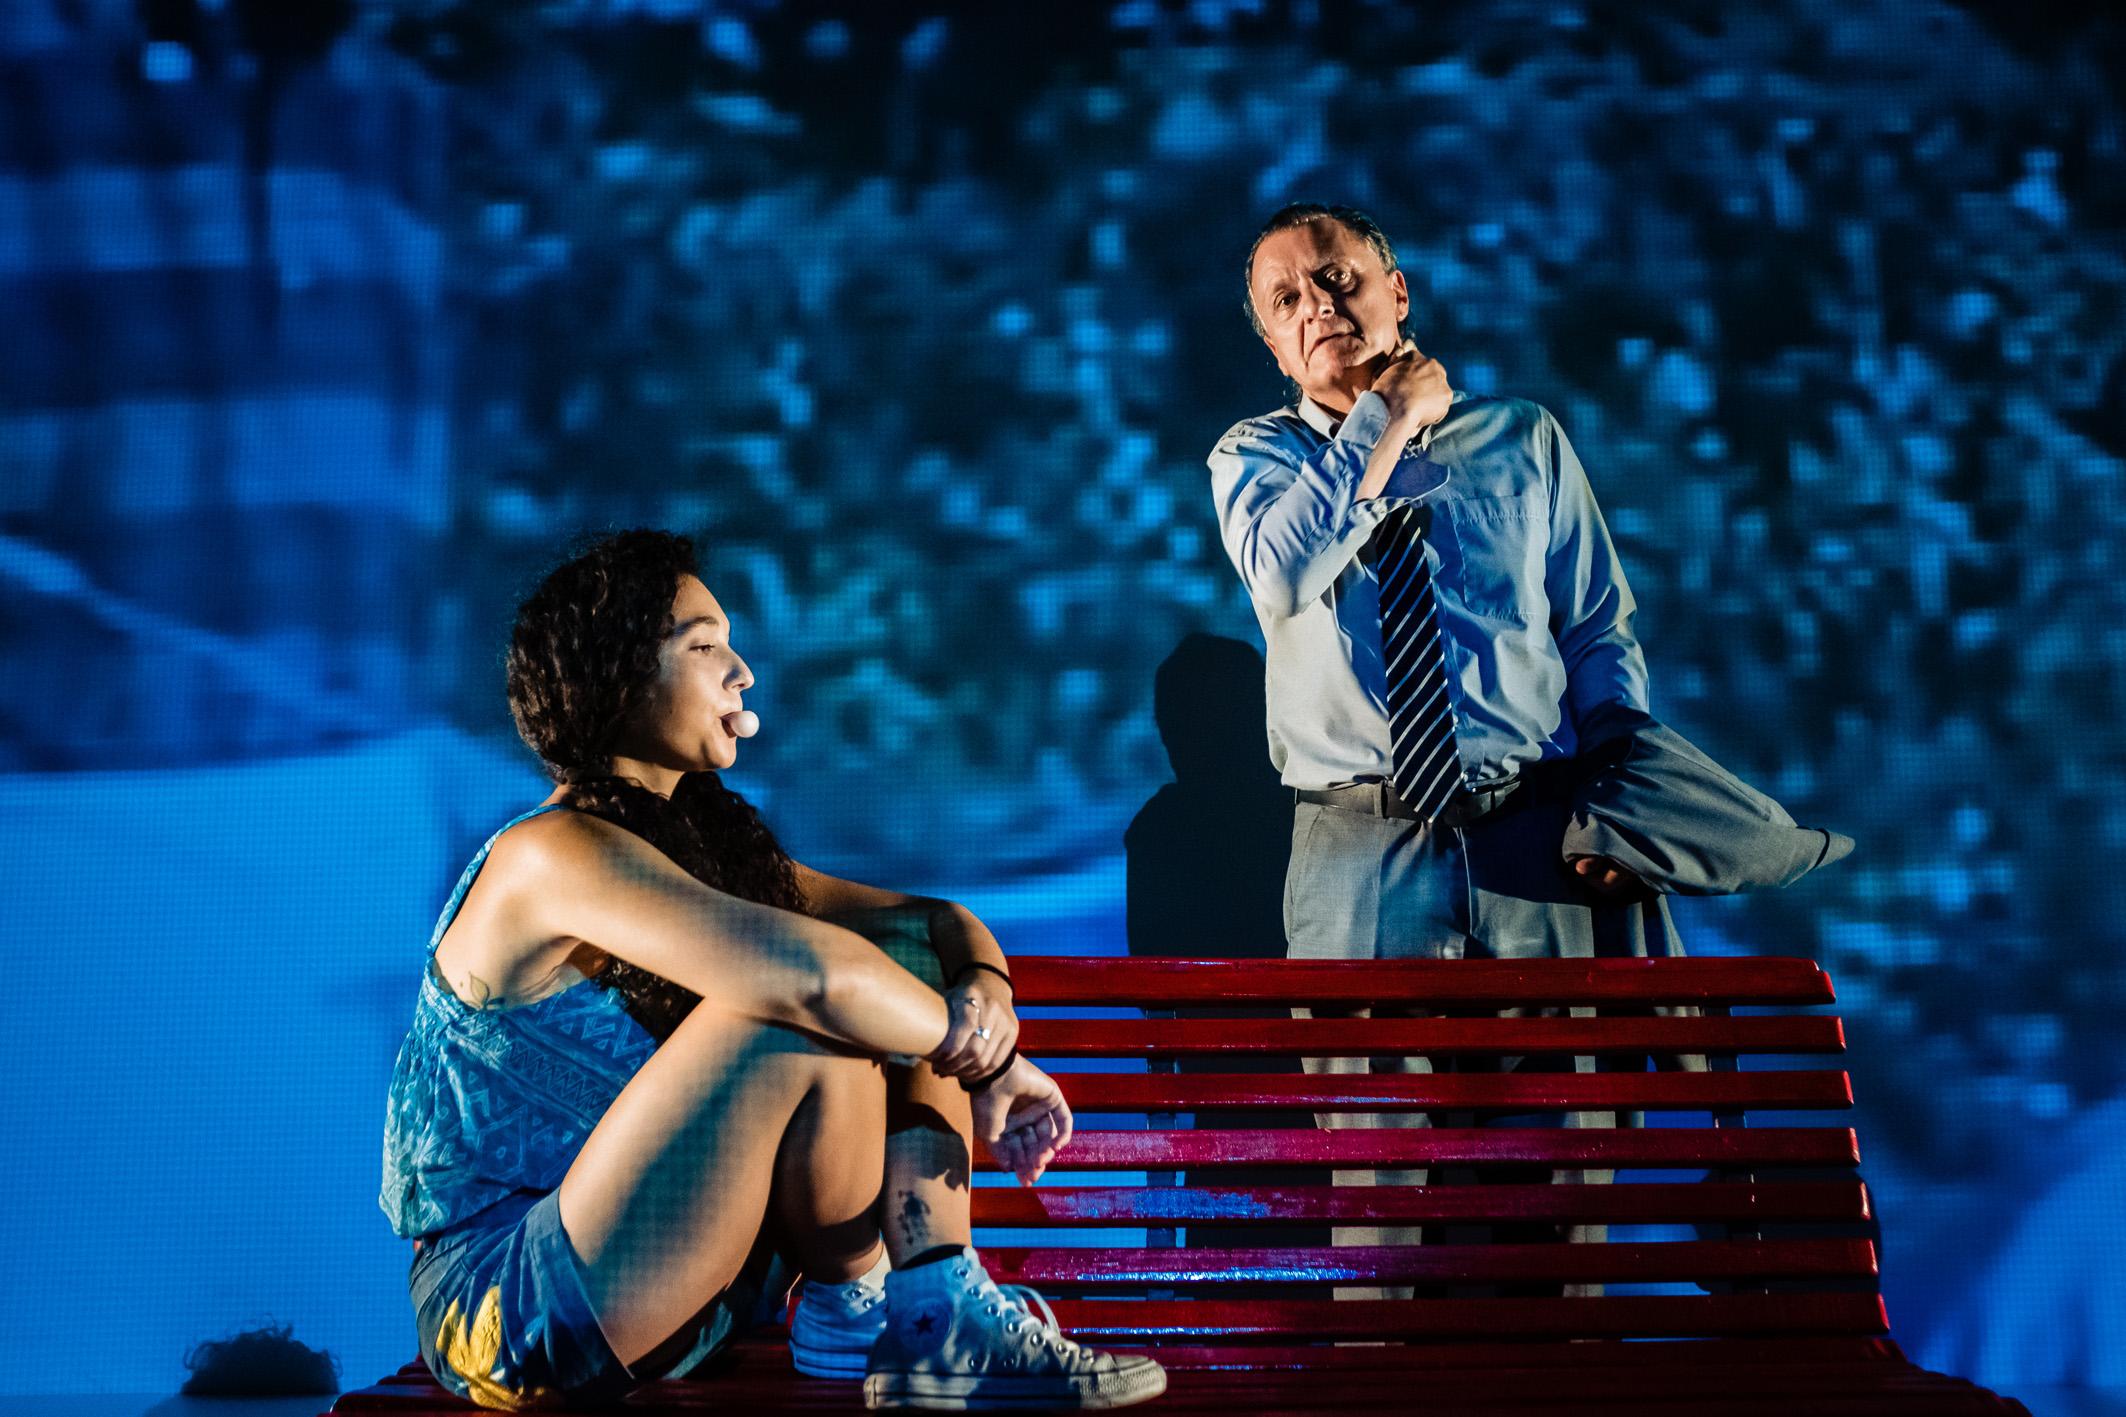 Le performing arts verso la ripresa